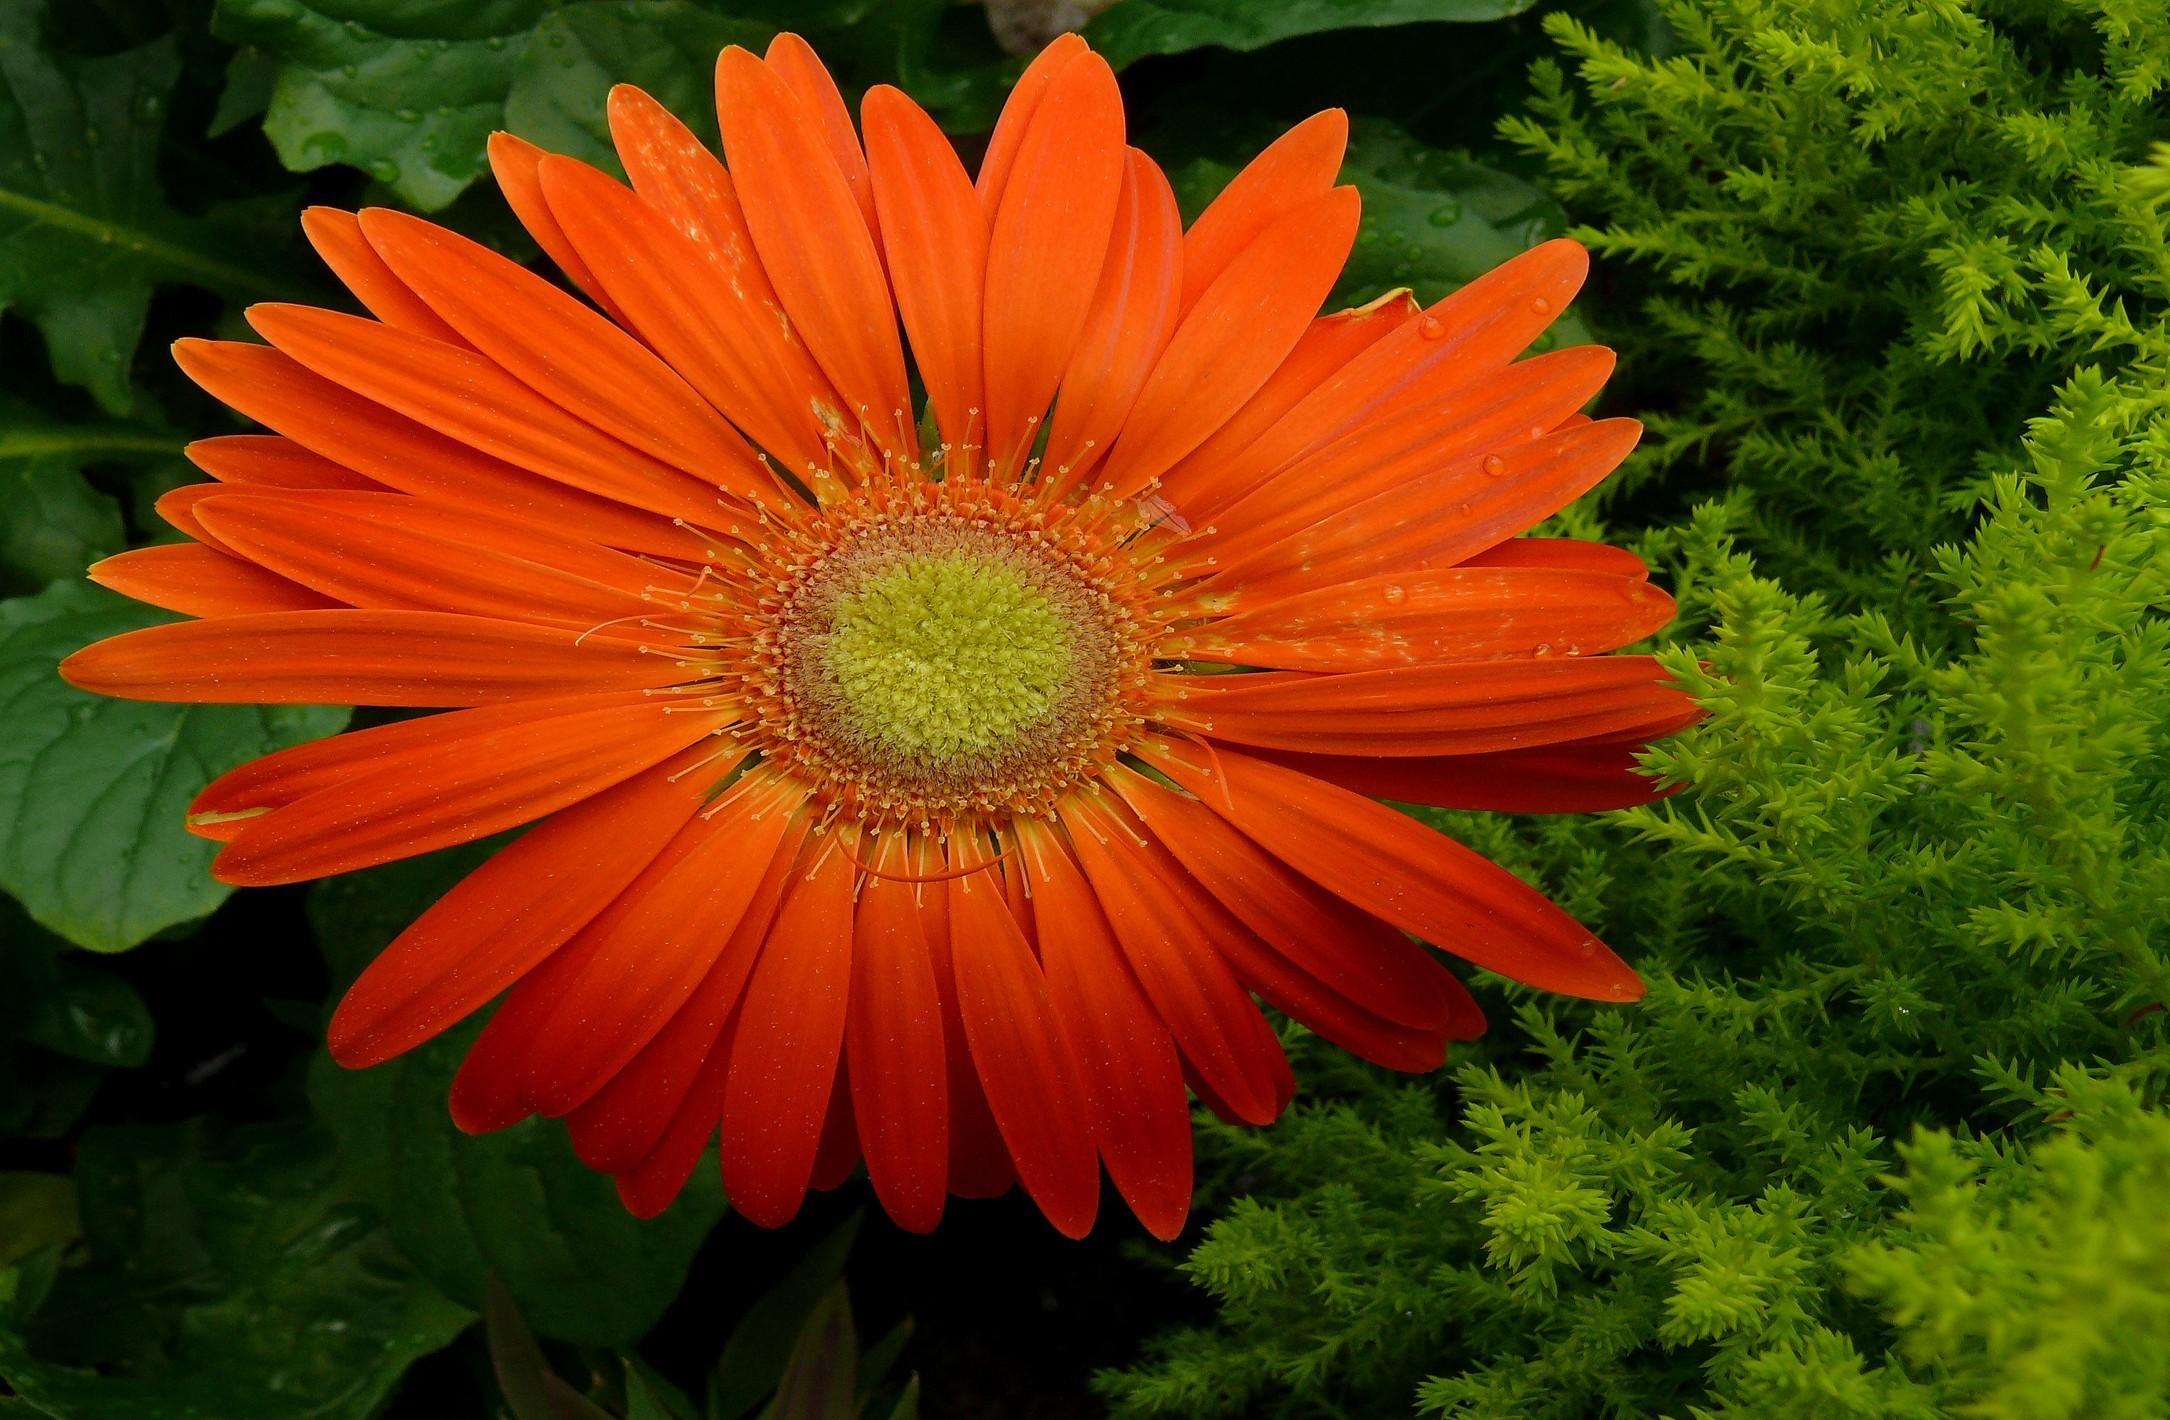 デスクトップ壁紙 ガーベラ 花弁 滴 新鮮な 閉じる 2170x1420